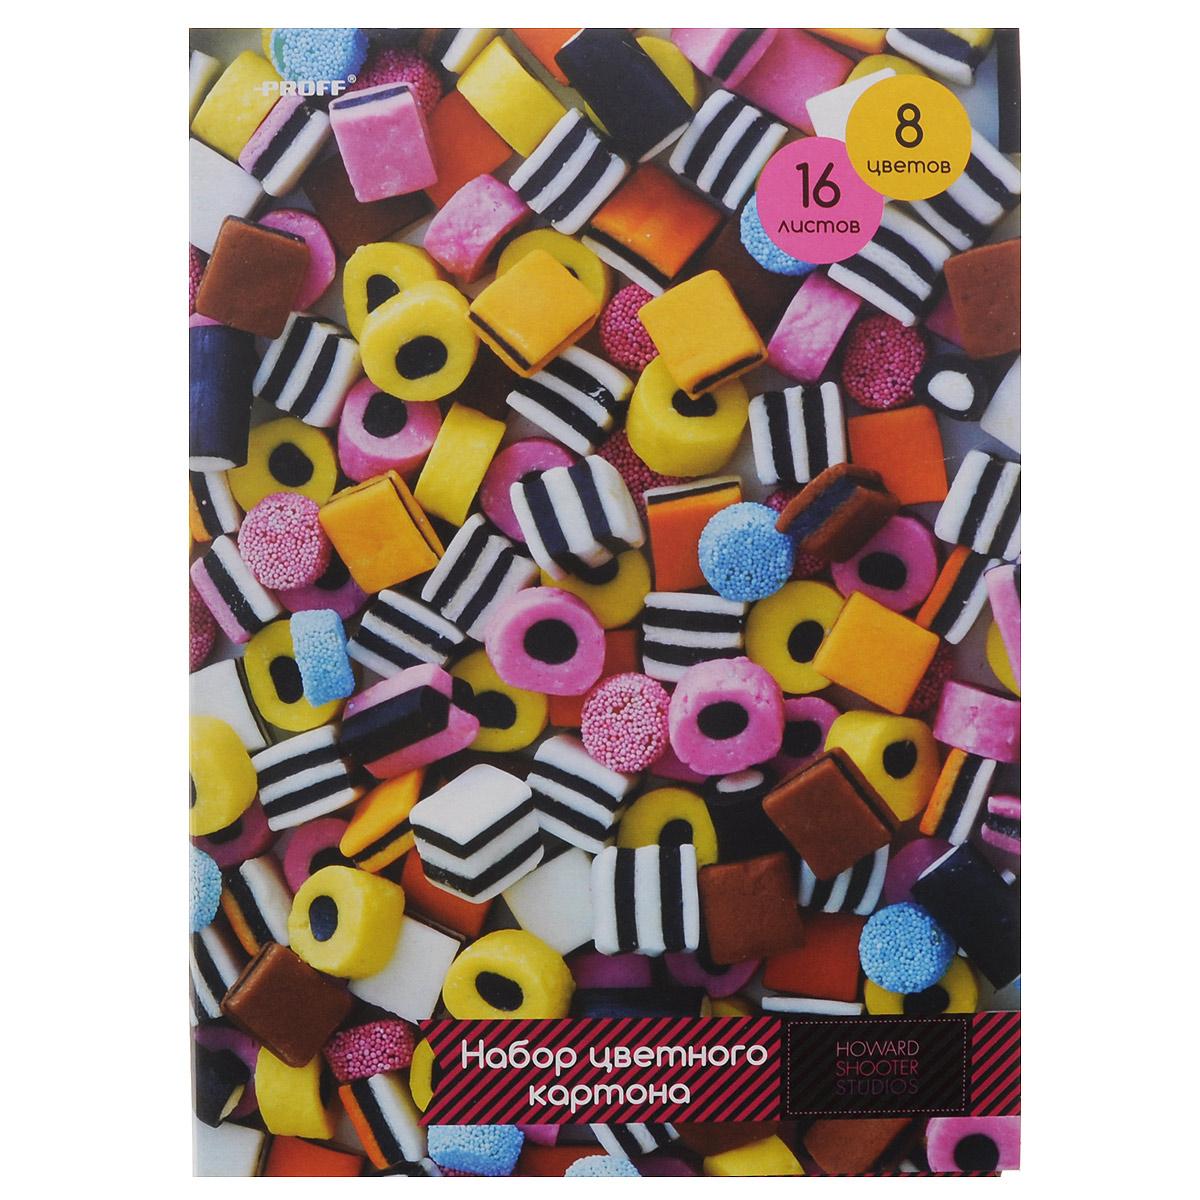 Набор цветного картона Proff  Сладости, 16 листовHS15-CCS12Набор цветного мелованного картона Proff Сладости позволит создавать всевозможные аппликации и поделки. Набор состоит из16 листов формата А4 одностороннего цветного картона восьми цветов: желтого, оранжевого, красный, белого, голубого, черного, коричневого и зеленого. Создание поделок из цветного картона позволяет ребенку развивать творческие способности, кроме того, это увлекательный досуг. Набор упакован в картонную папку с аппетитным изображением.